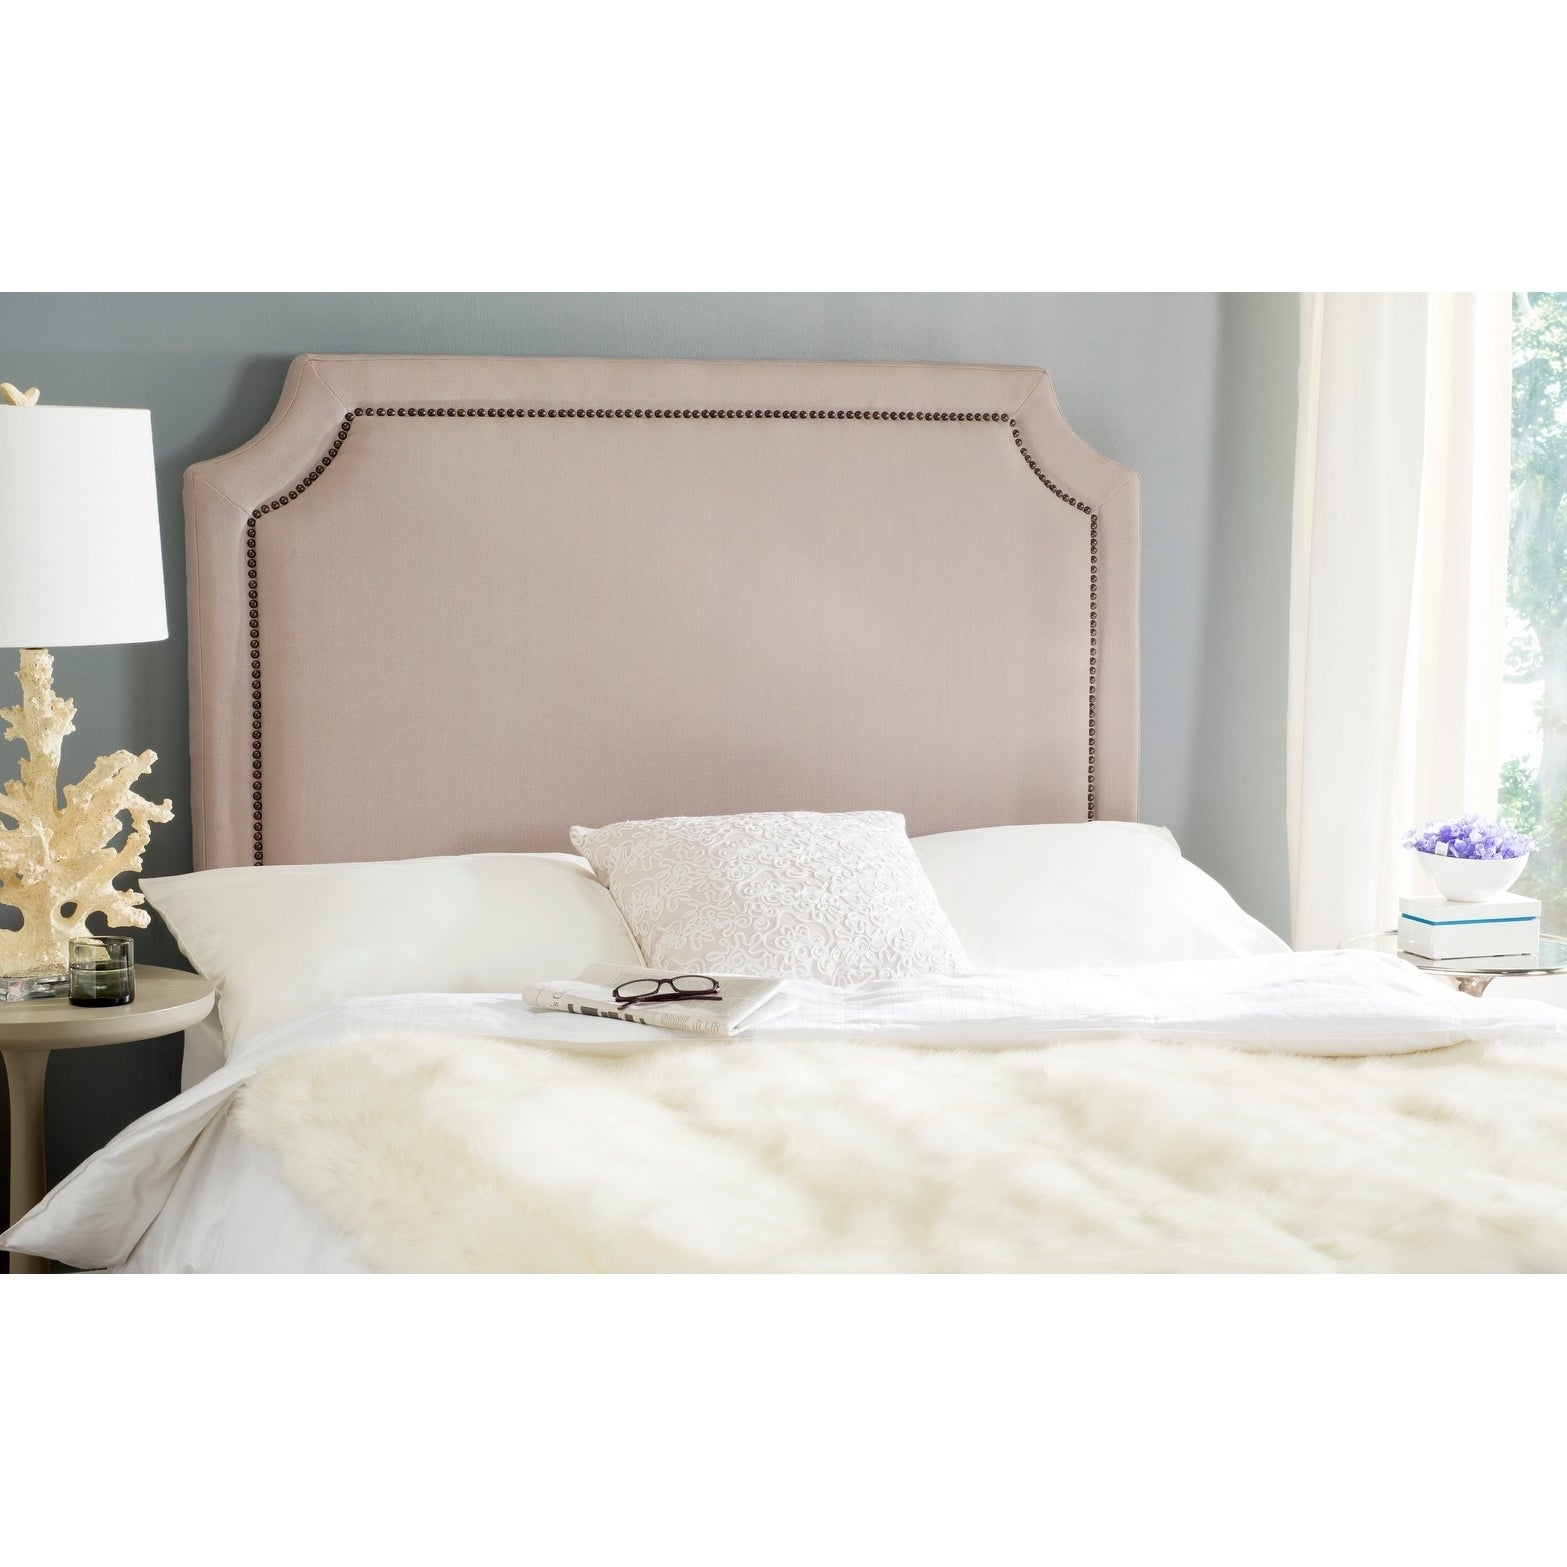 Safavieh Shayne Taupe Linen Upholstered Headboard - Brass...